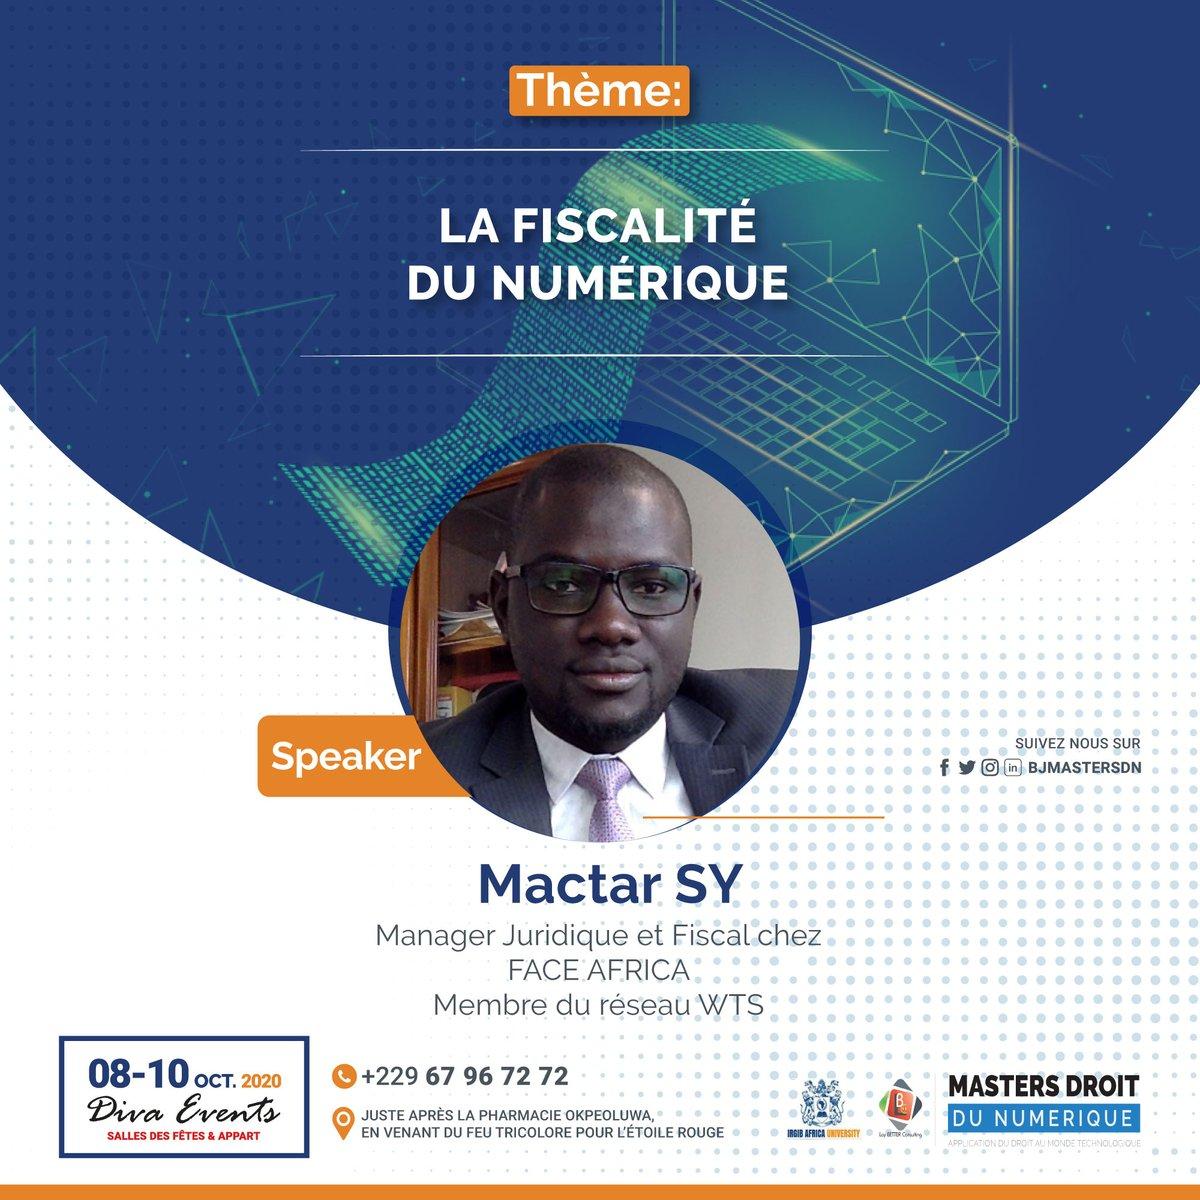 L'approche comparée permet de critiquer, d'inspirer et d'améliorer. Mactar SY, fiscalite sénégalais, nous apprendra ce qui se fait de bien en matière de fiscalité numérique au Sénégal. Obtenez votre pass maintenant 👉https://t.co/Aay8Dg9b8X #droitnumérique #BJMasterDN https://t.co/58W1hN6Kb4